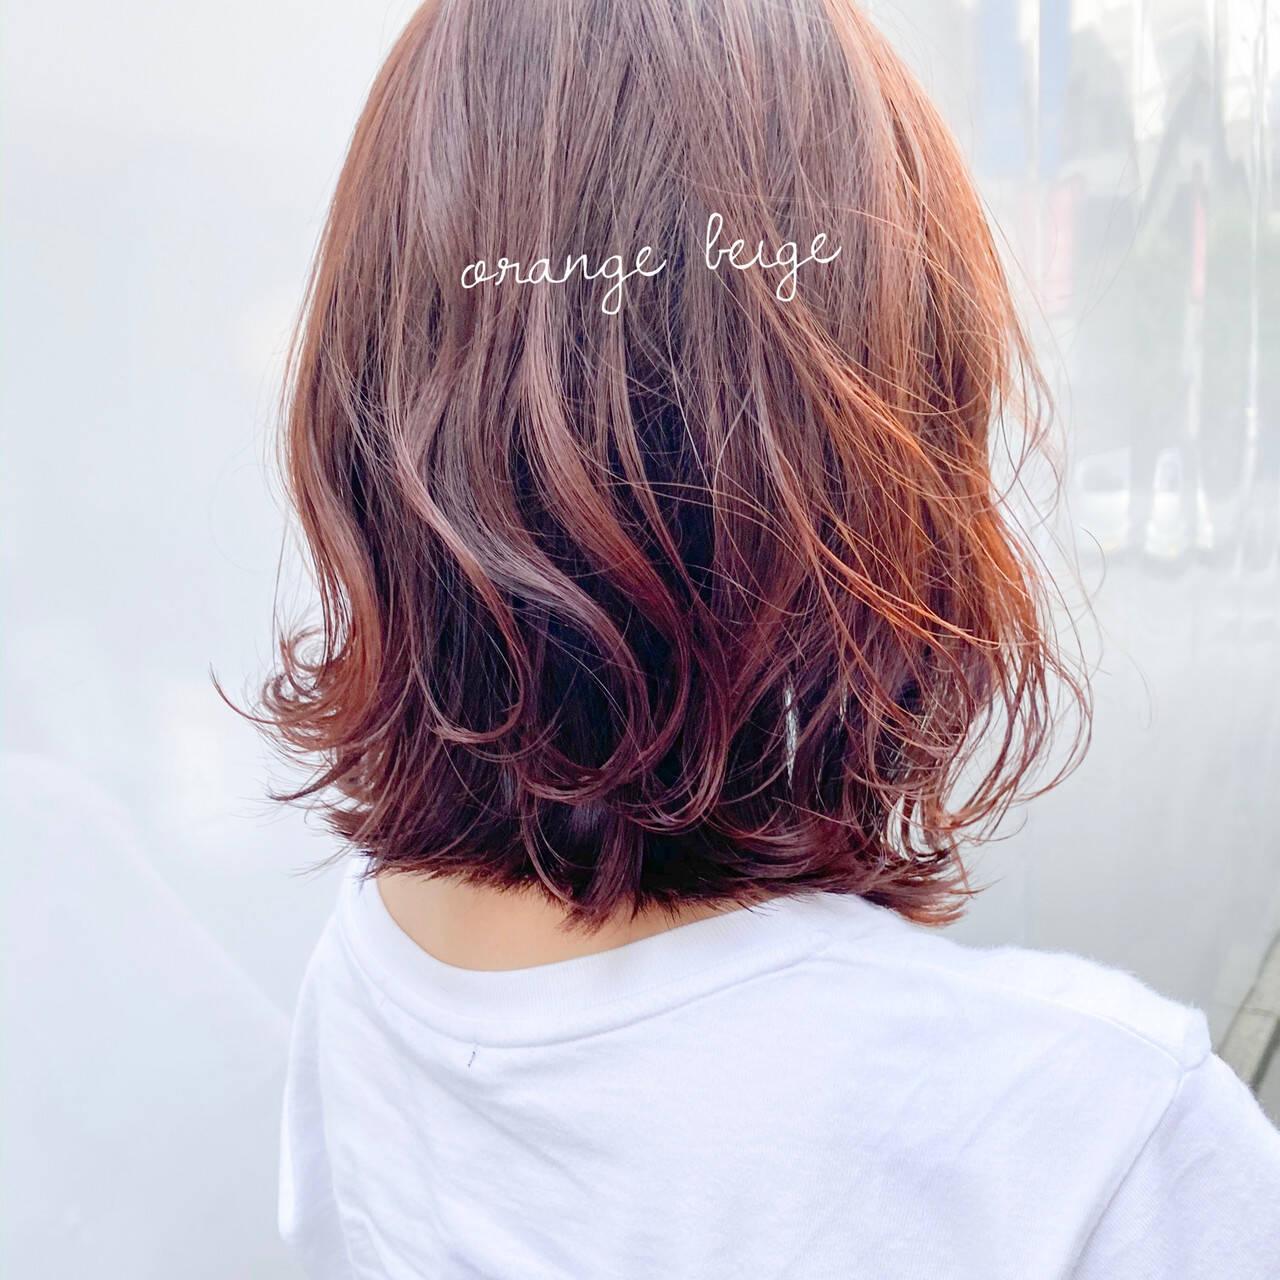 インナーカラーオレンジ オレンジカラー オレンジベージュ アプリコットオレンジヘアスタイルや髪型の写真・画像